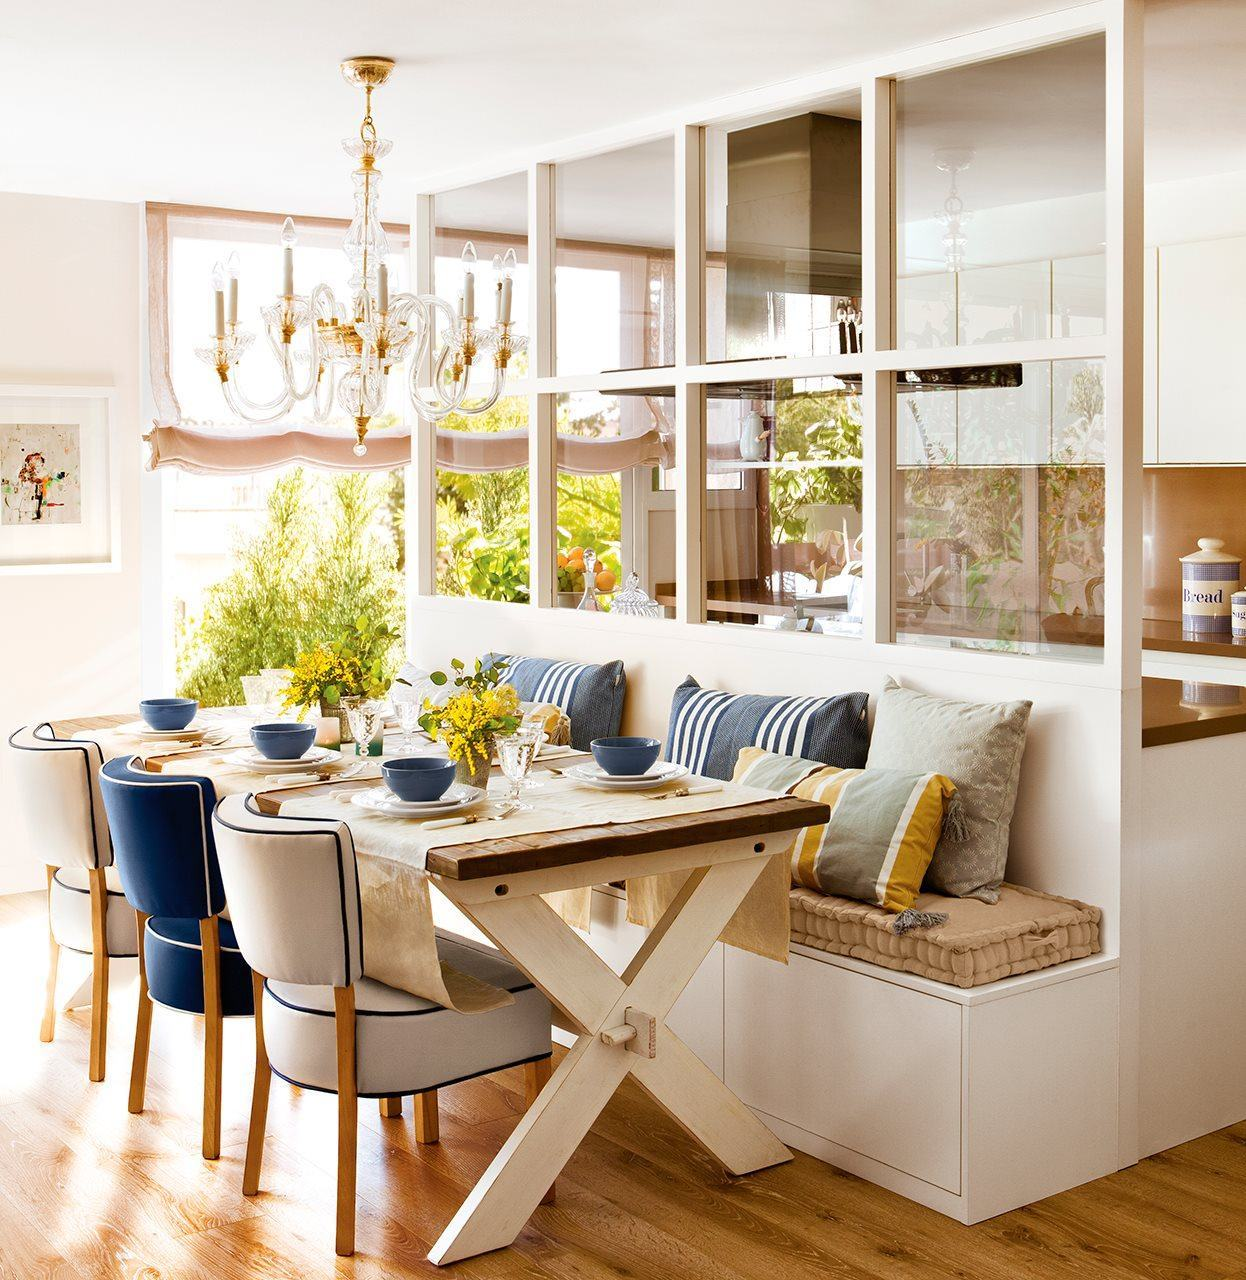 Foto comedor con asiento de madera de maribel mart nez 1624137 habitissimo - Banquetas para cocina ...